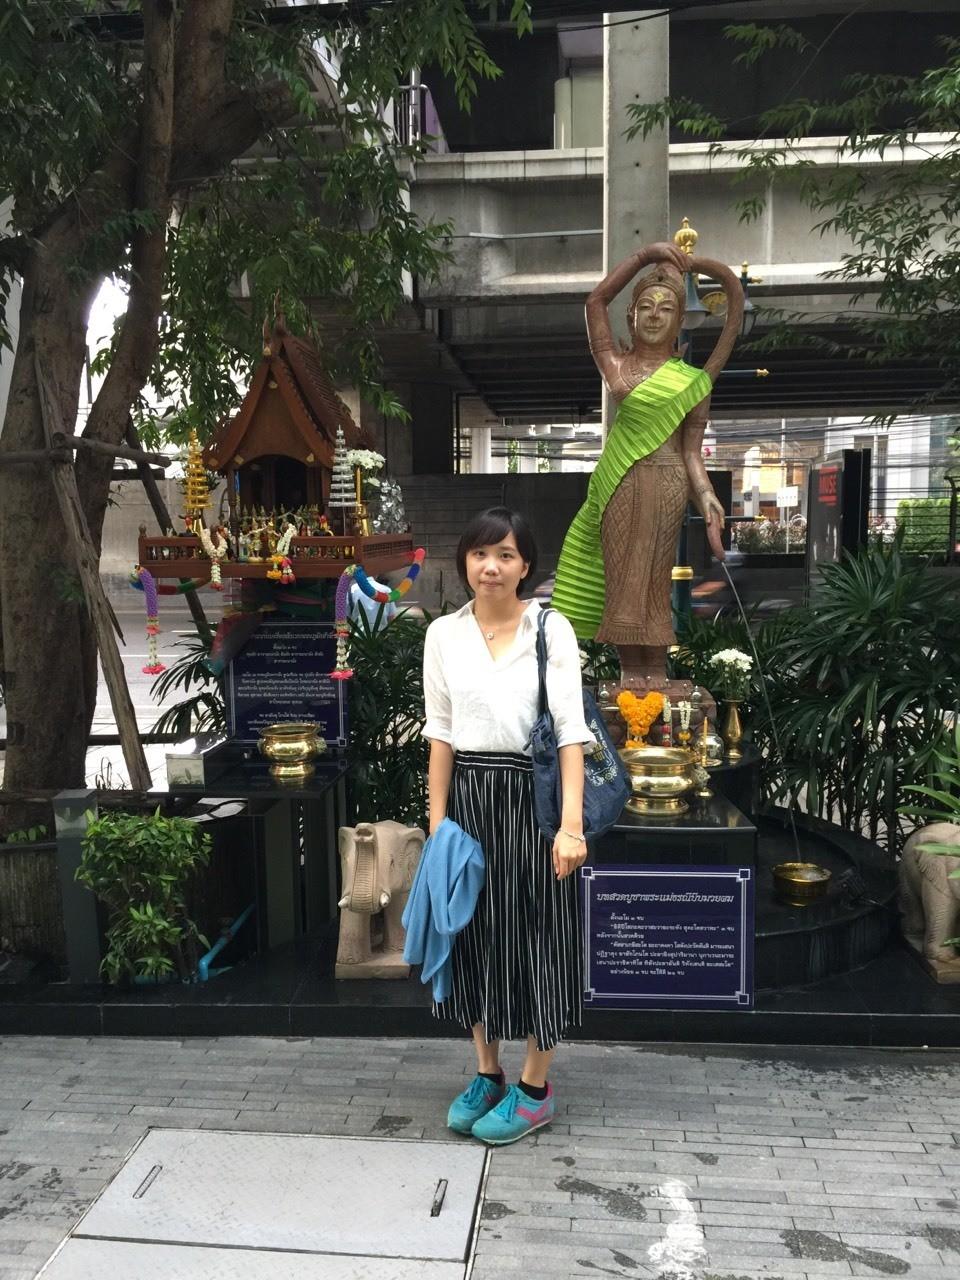 泰國的飯店外幾乎都有像這樣子的小廟,在網路上搜尋時還發現,有貓咪會進駐到小廟裡。這是沙吞外面供奉的神明。